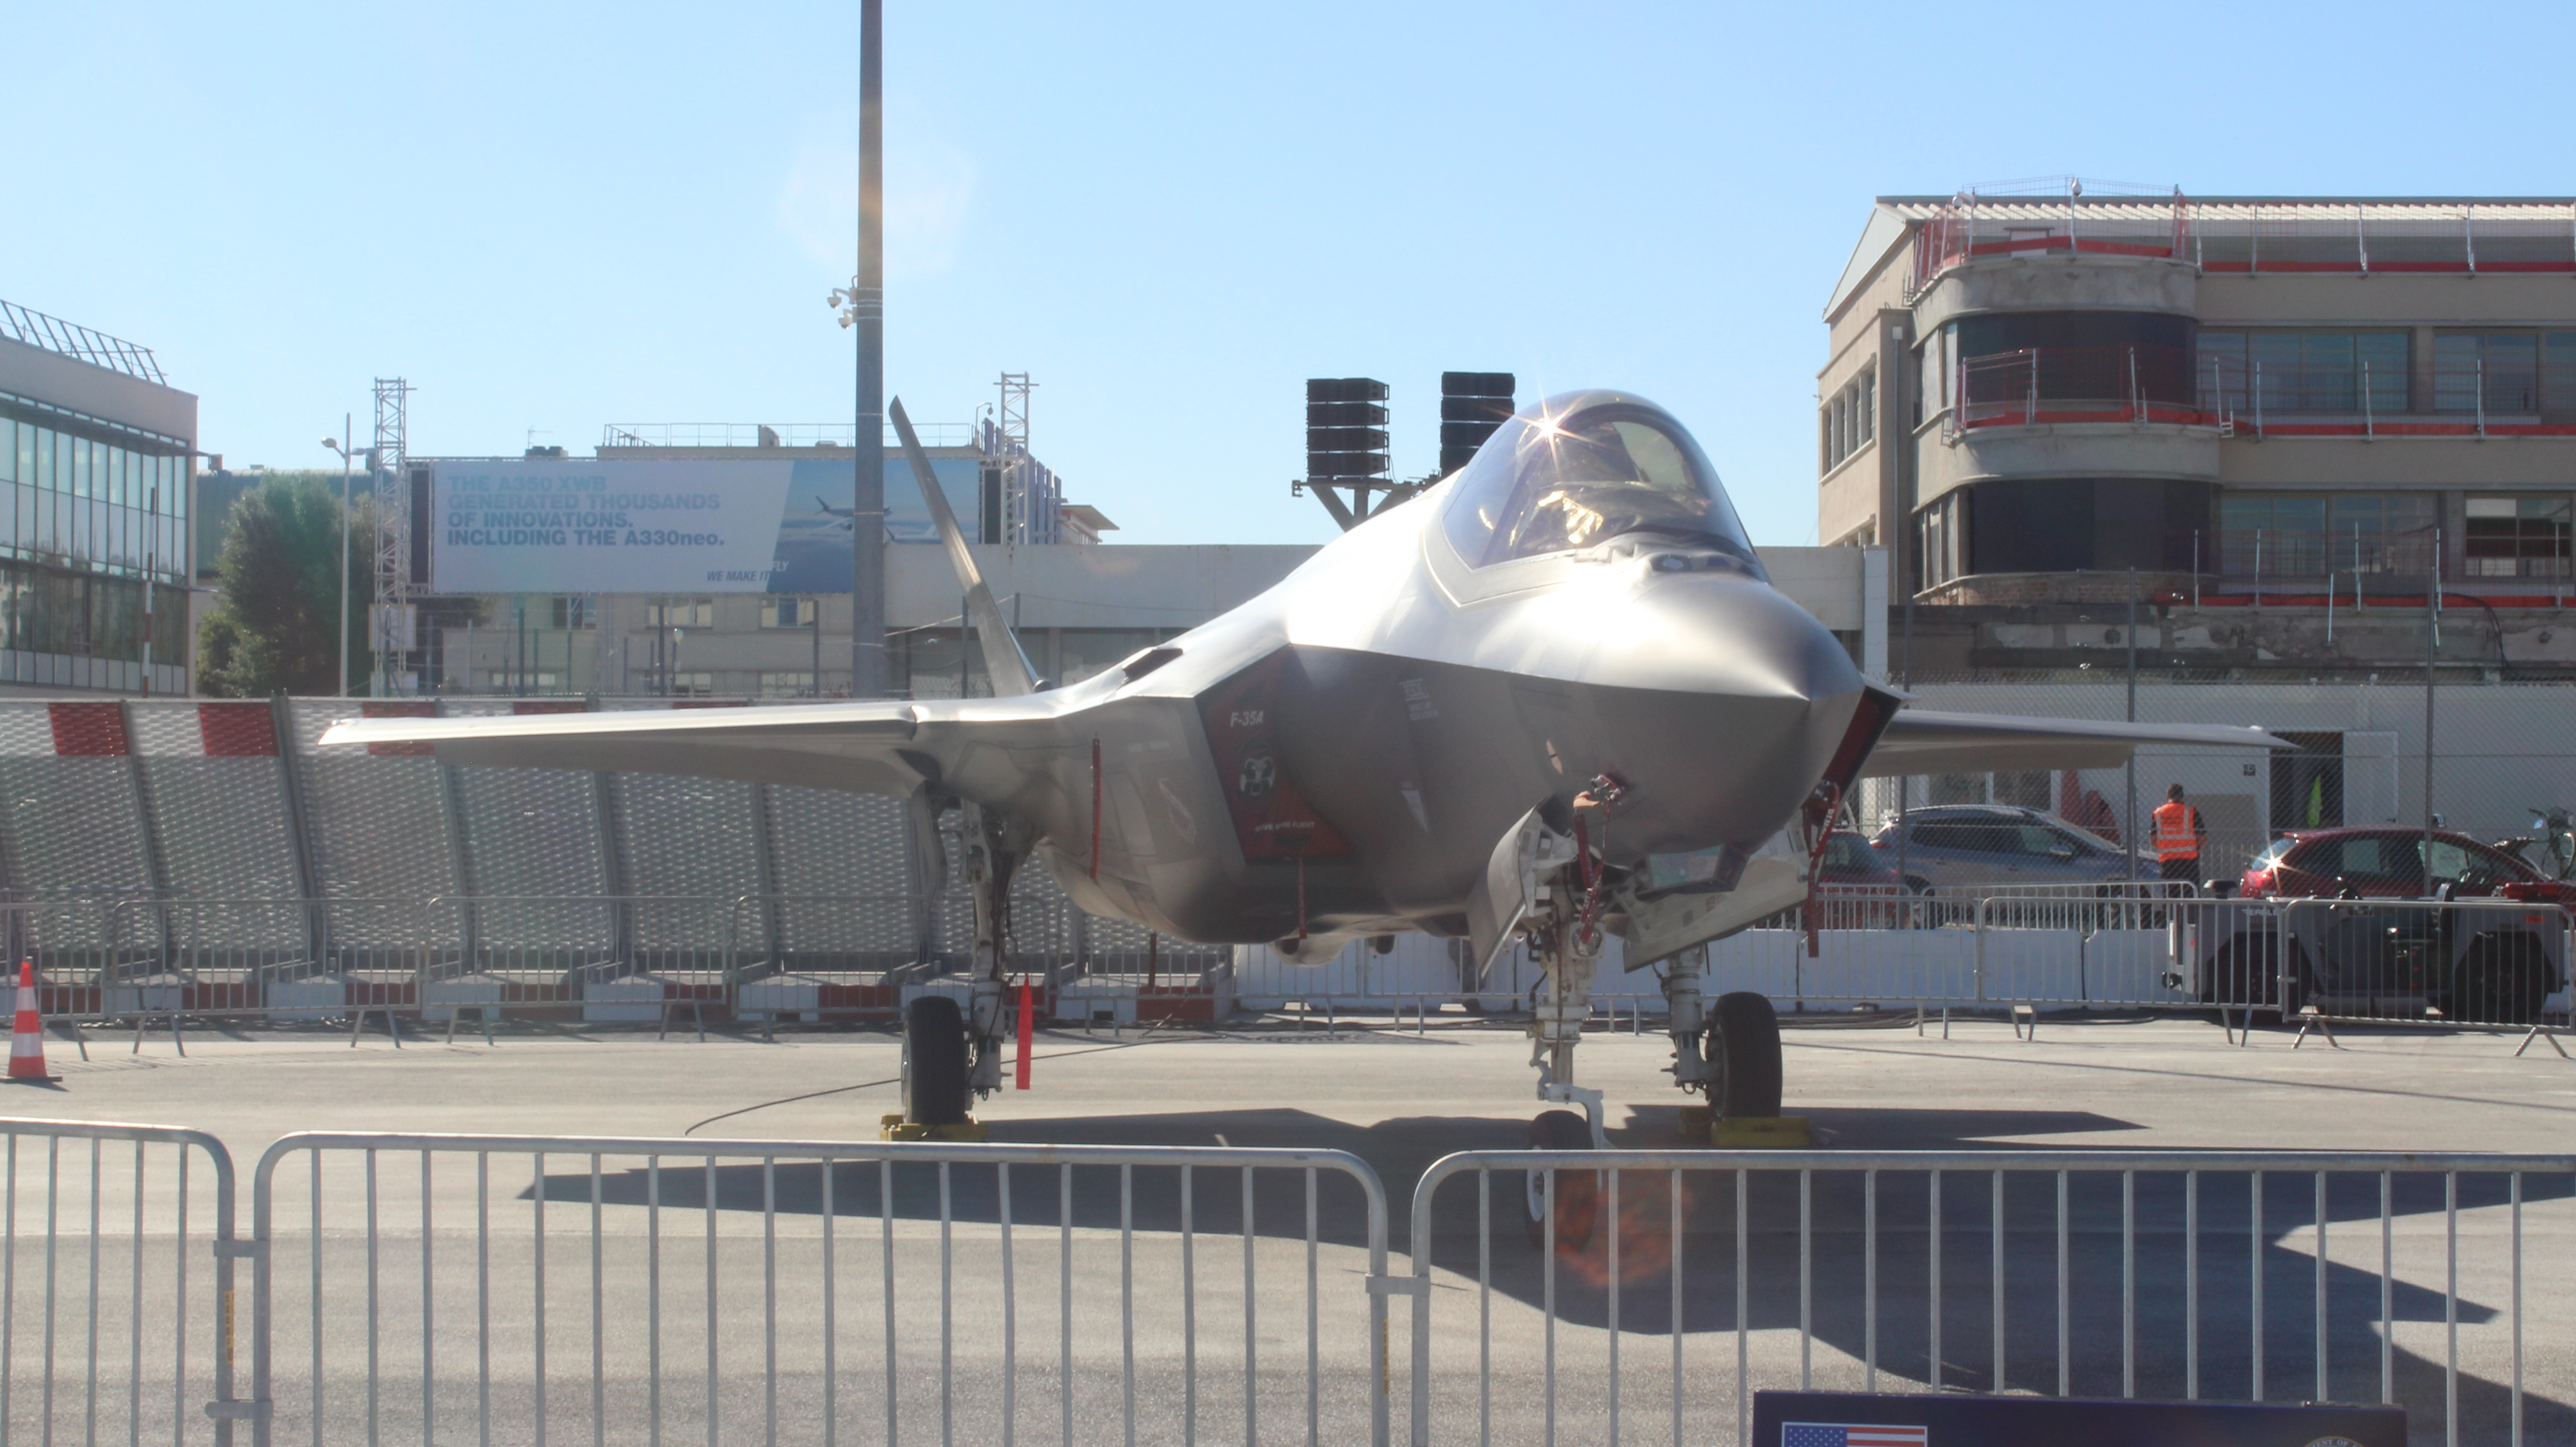 О тернистом пути американских малозаметных самолетов на авиасалон в Ле Бурже